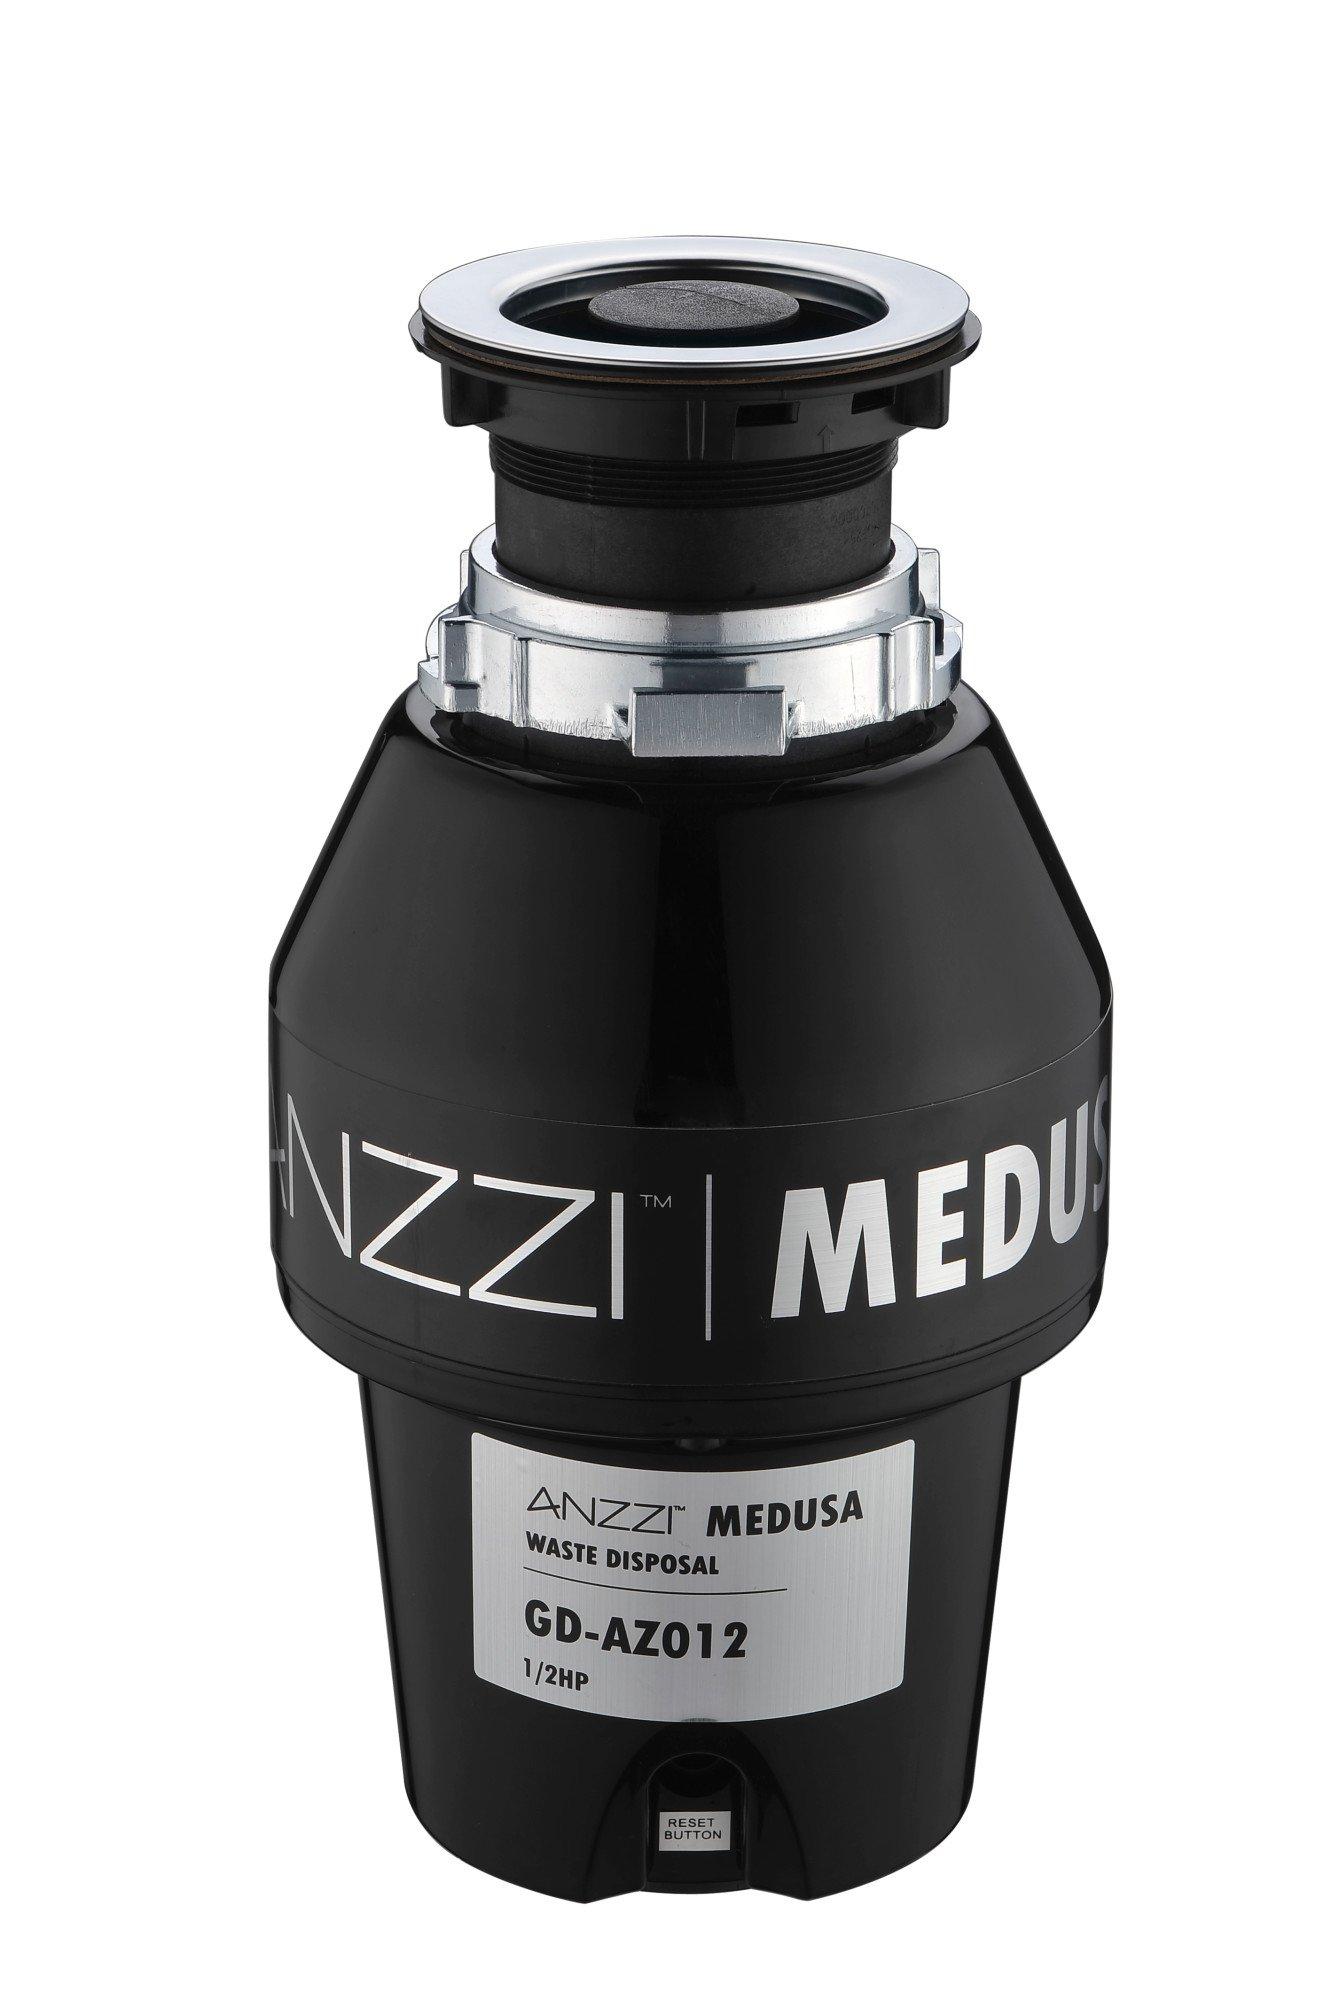 1/2 HP Garbage Disposal - Black - Medusa Series GD-AZ012 - ANZZI by ANZZI (Image #1)